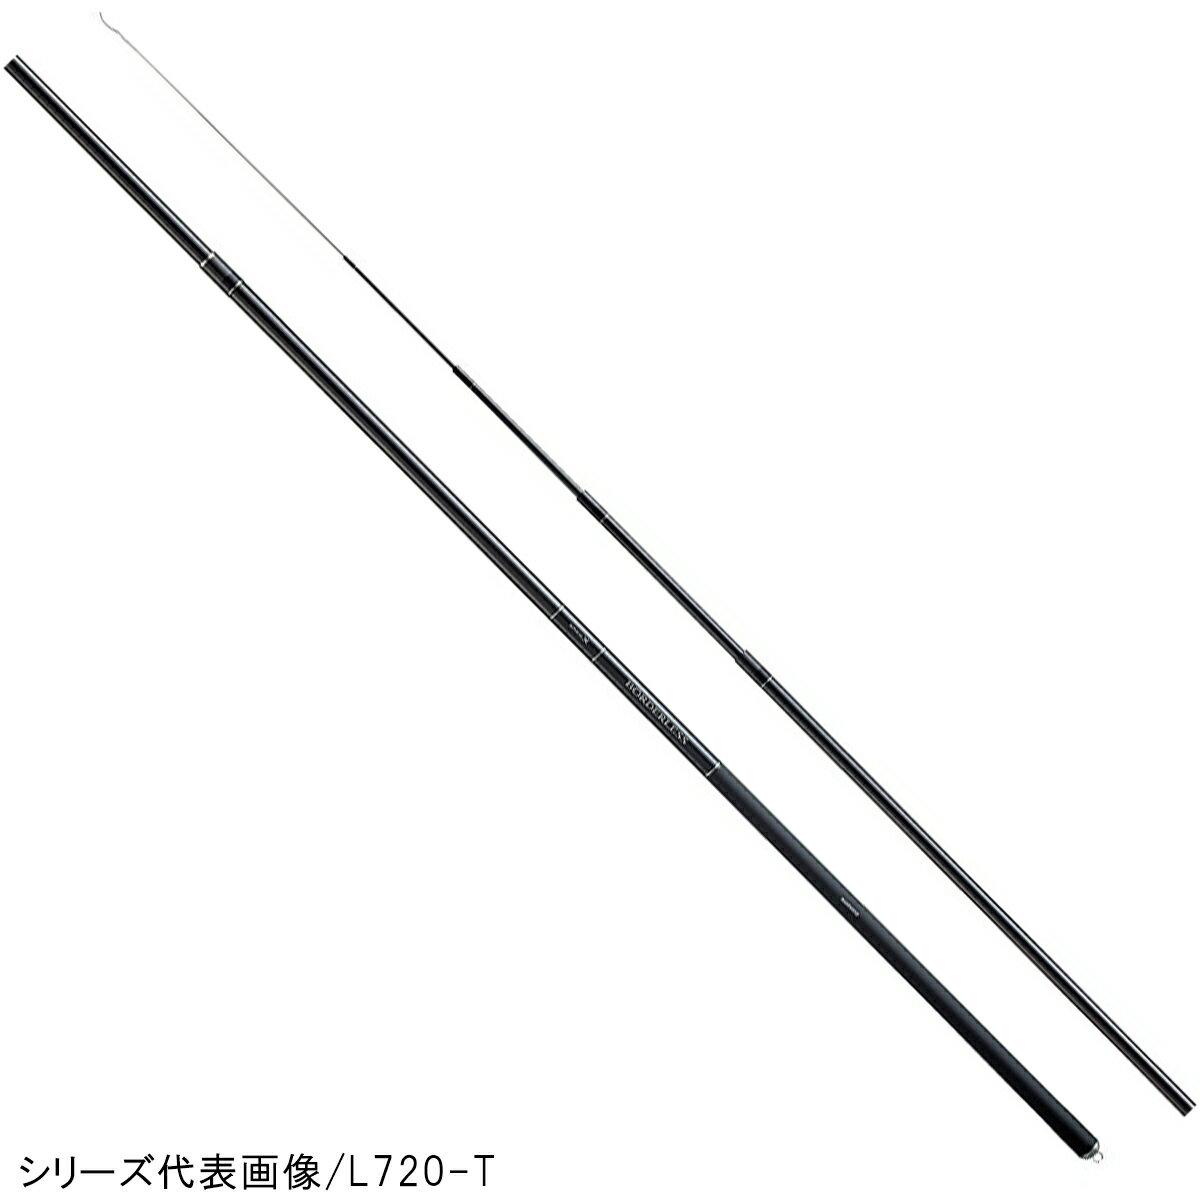 シマノ ボーダレス GL(ガイドレス仕様・Lモデル) L900-T(東日本店)